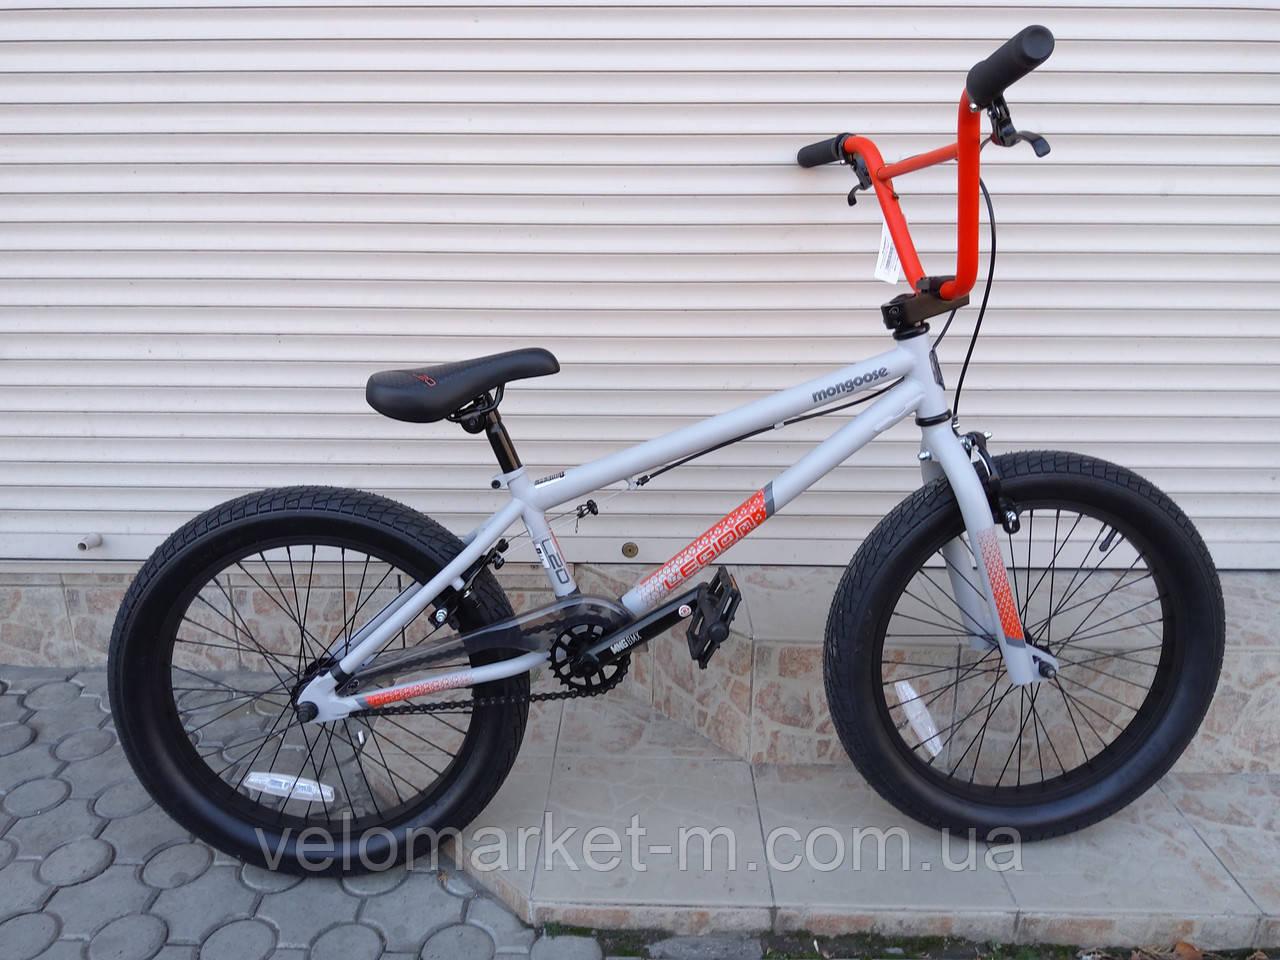 Велосипед BMX Mongoose L20 2020